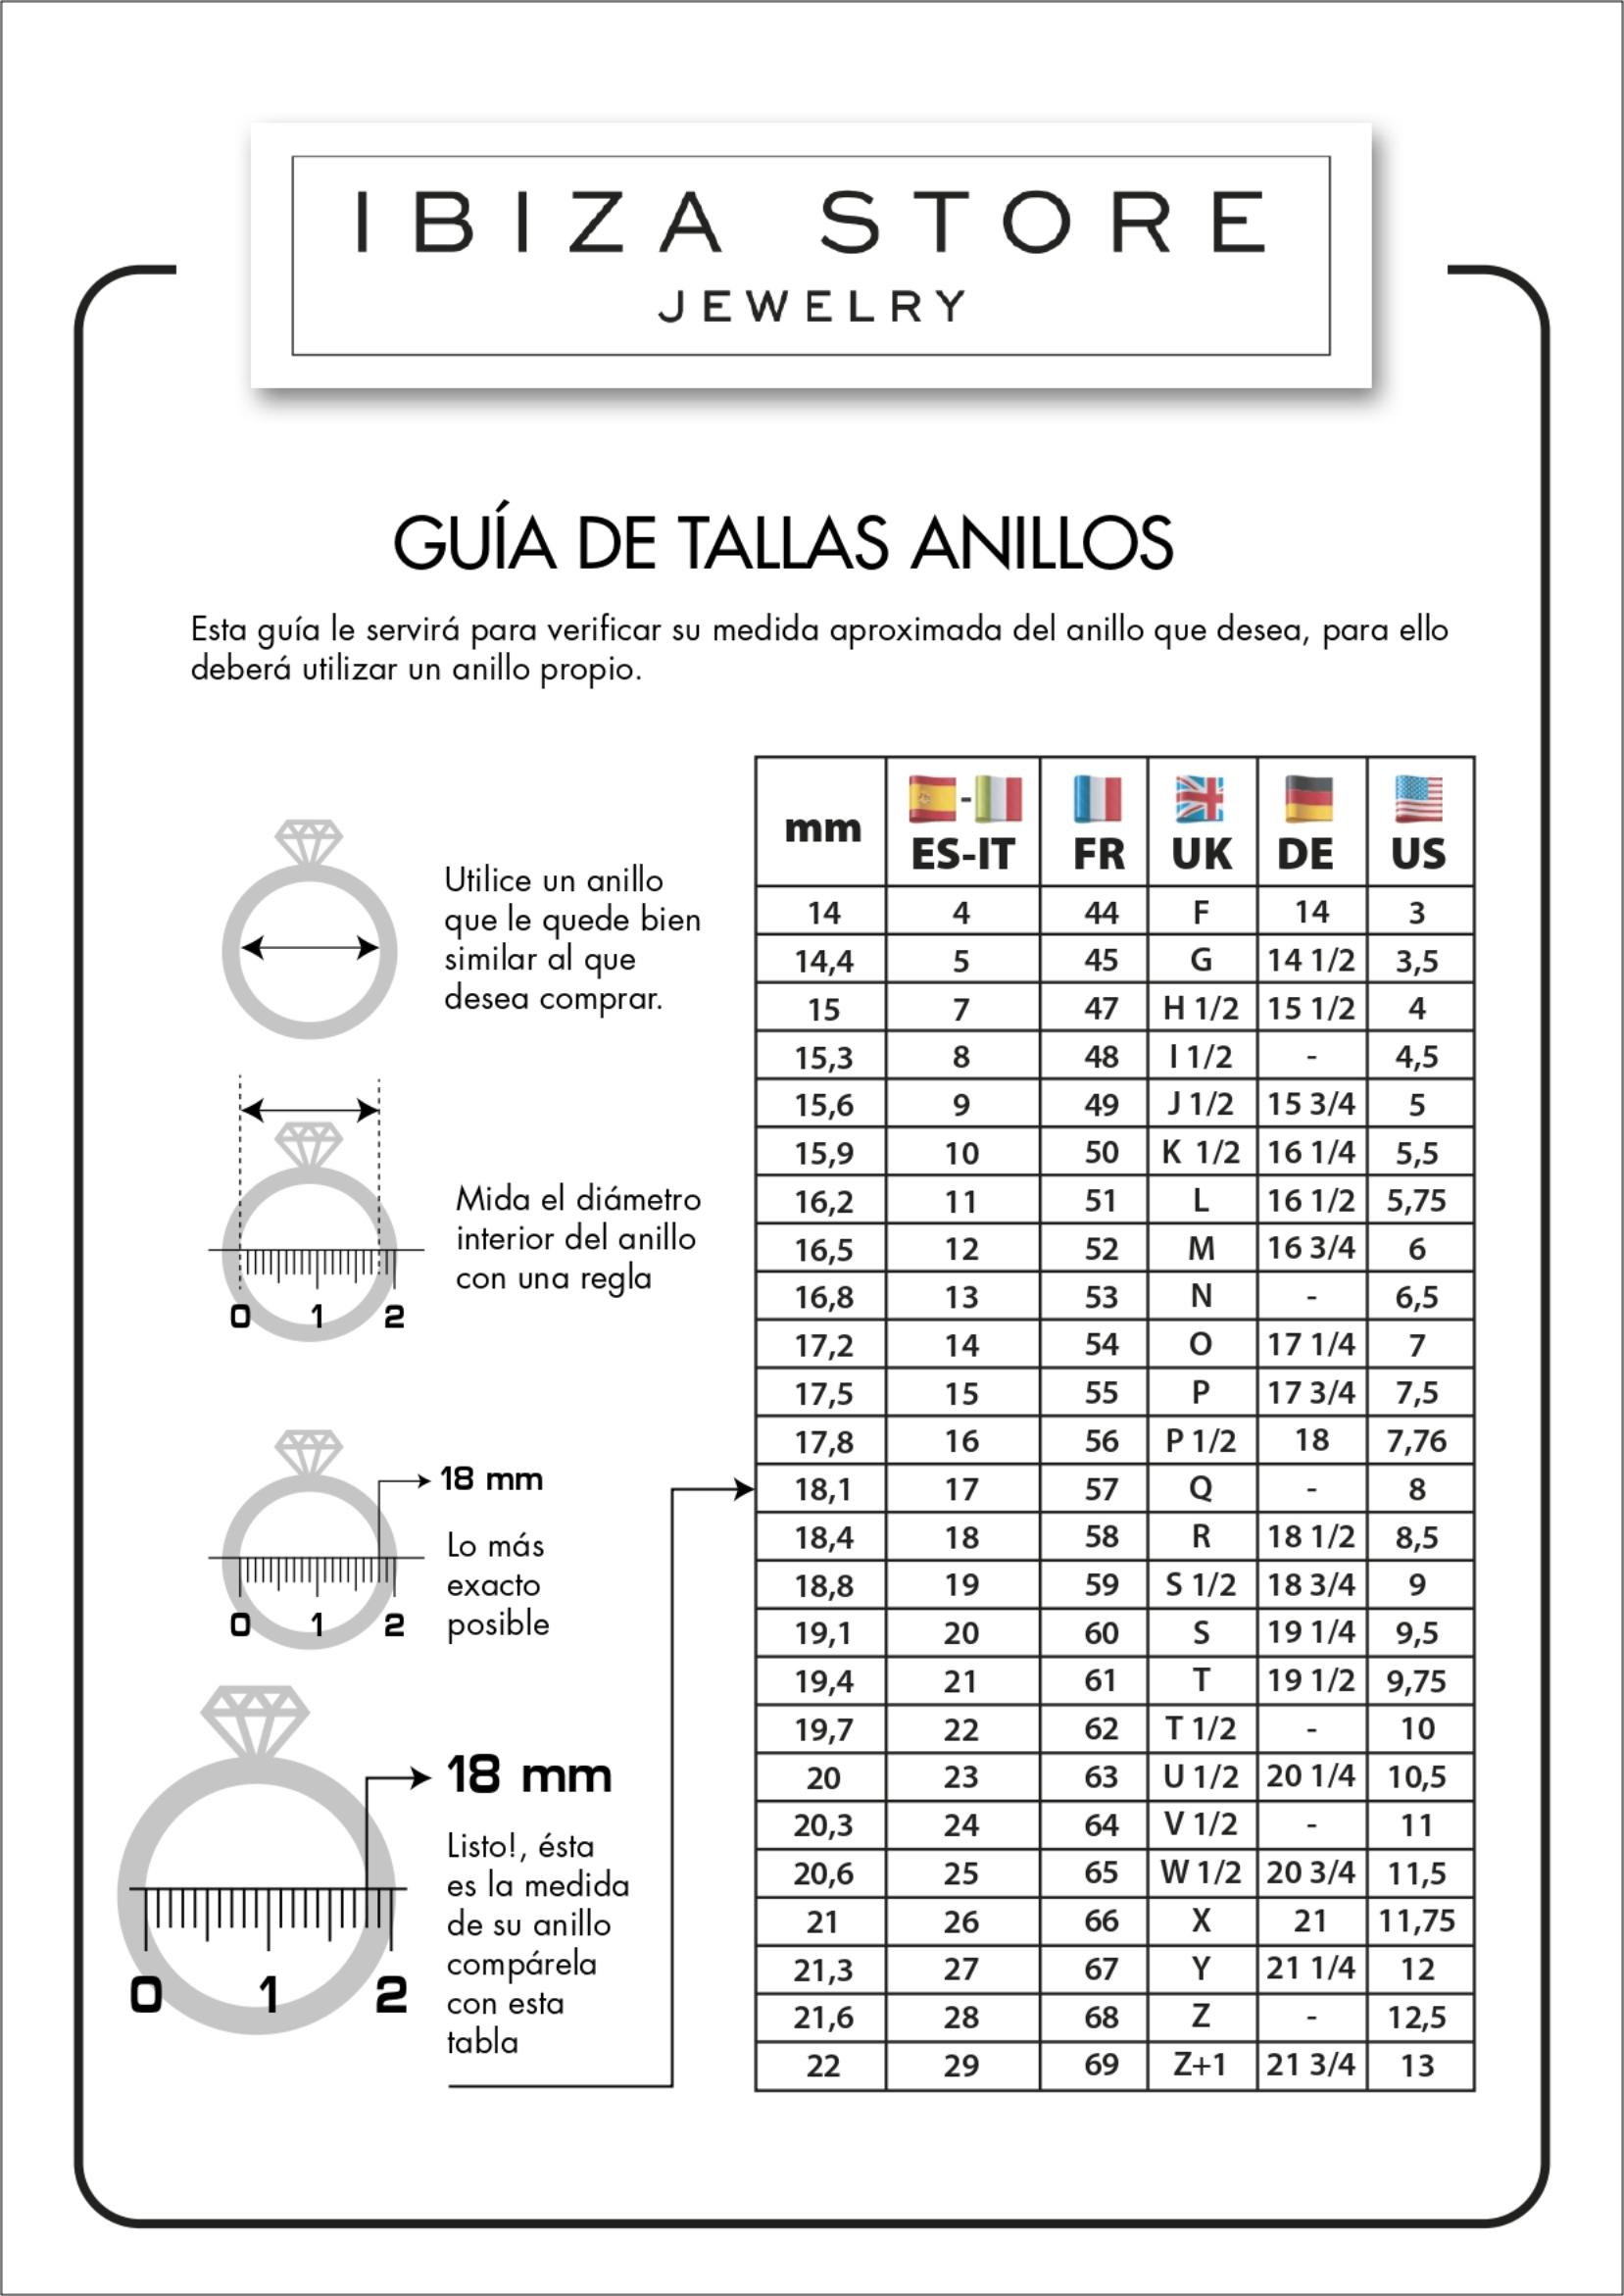 GUIA DE TALLAS ANILLO